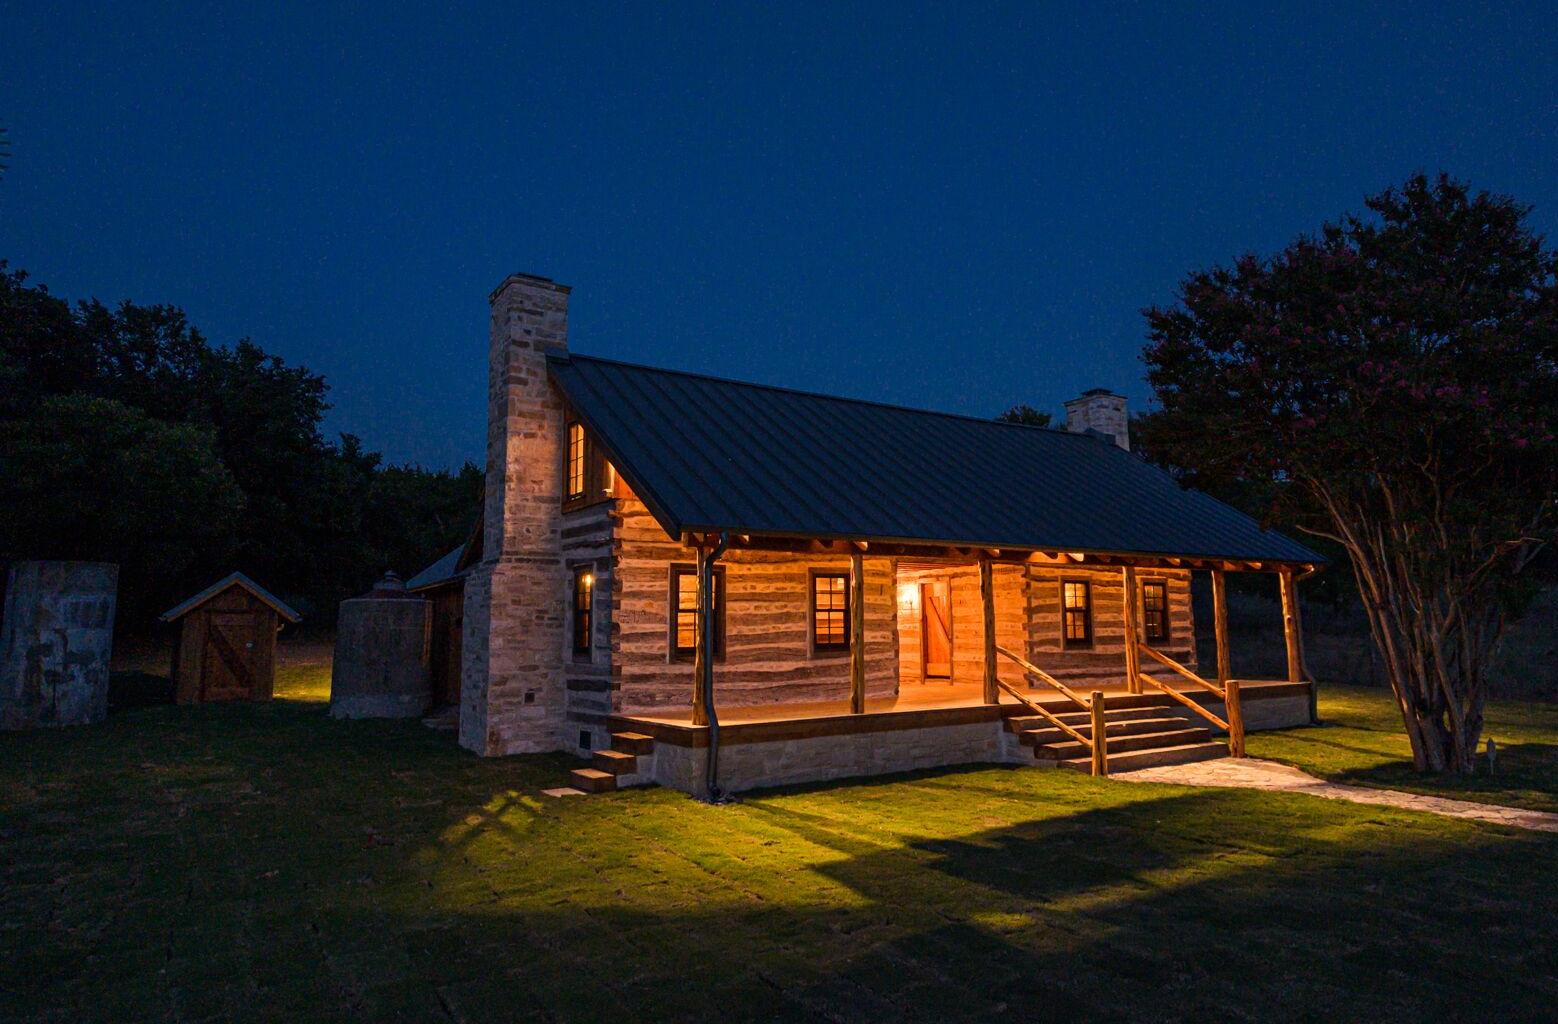 Antique Log Home Architect, Antique Log Homes, Texas Ranch Homes, Historic Texas Ranch Homes, Best Ranch Designs in Texas, Texas Ranch Architects, Best Ranch Home Architects, Early Texas Log Homes, Early Texas Log Cabins, Restoration, Preservation, Reclaimed, Historic, Antique, Preserving, Restoring